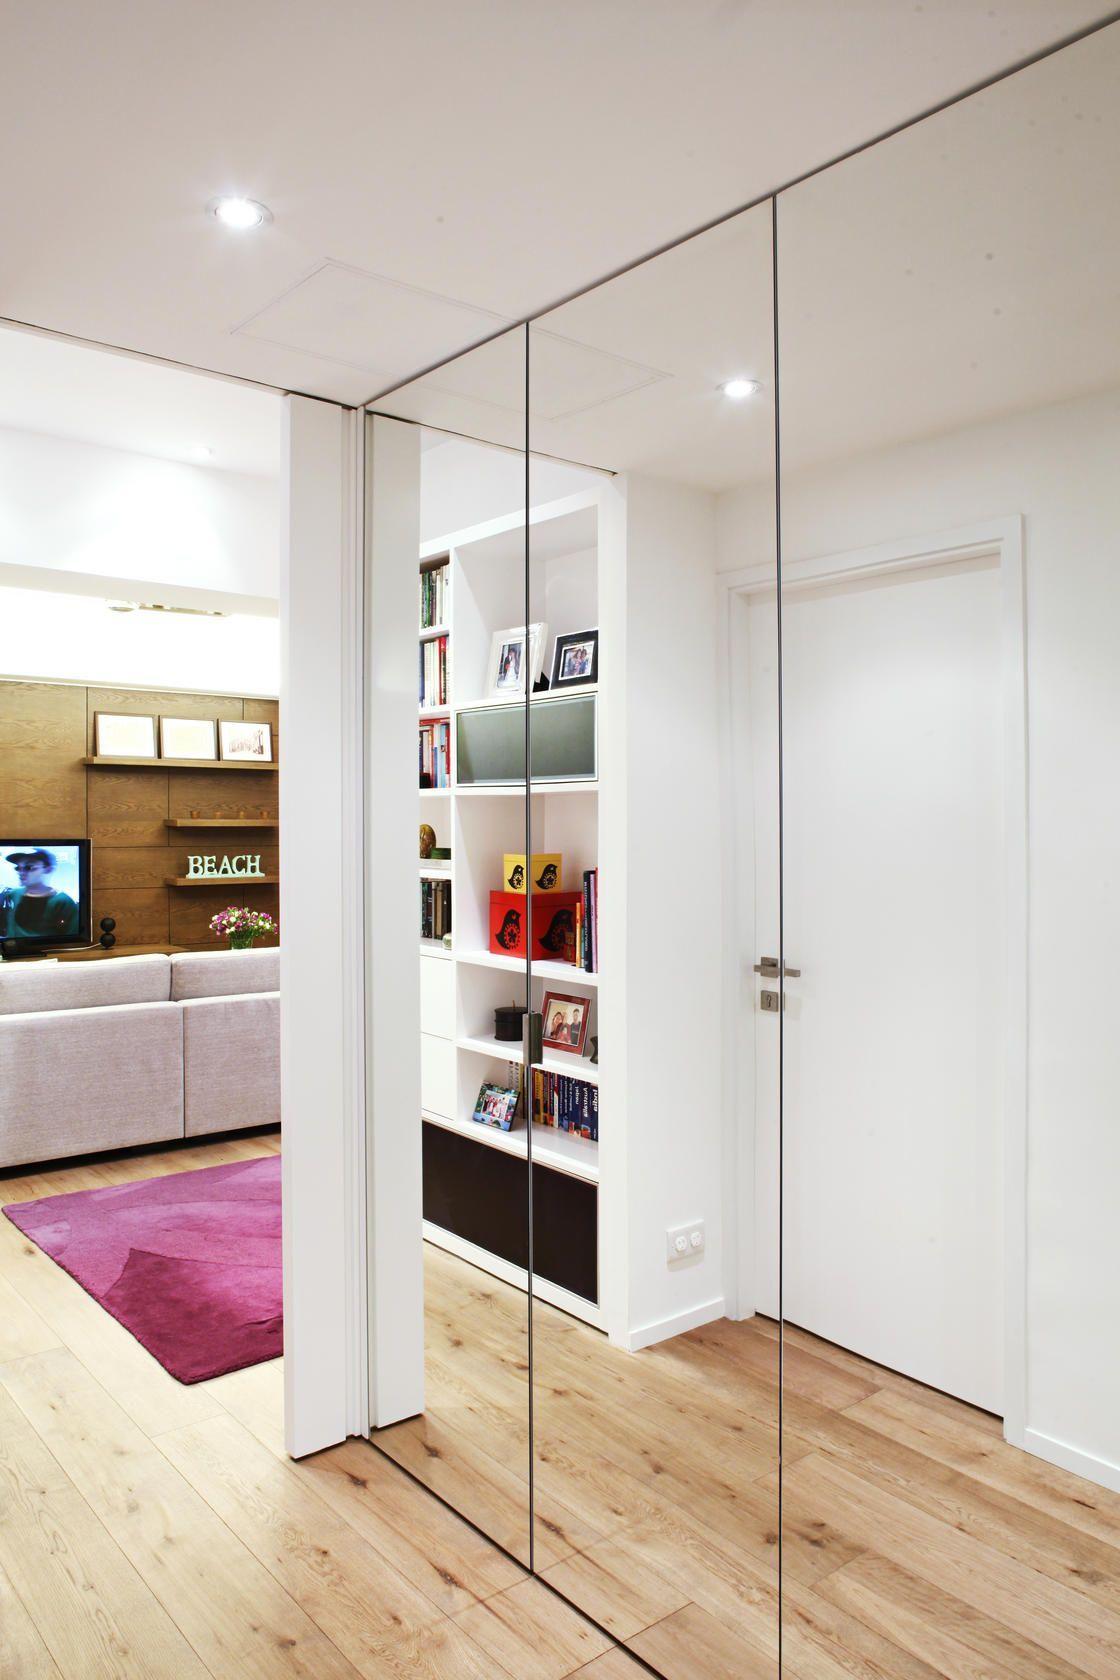 Armadio A Muro Design armadio a muro nel corridoio (57 foto): tipi e materiali